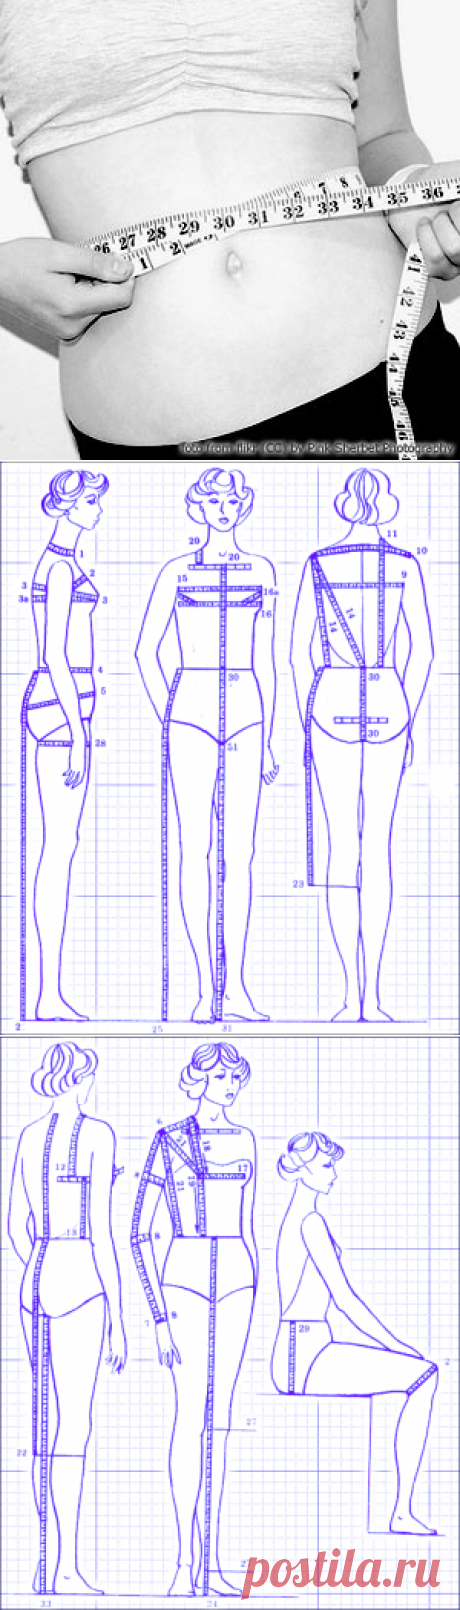 Кройка и шитье. Снятие мерок. | Иллюстрированные уроки по кройке и шитью. Швейные мерки. Построение выкройки по фигуре.